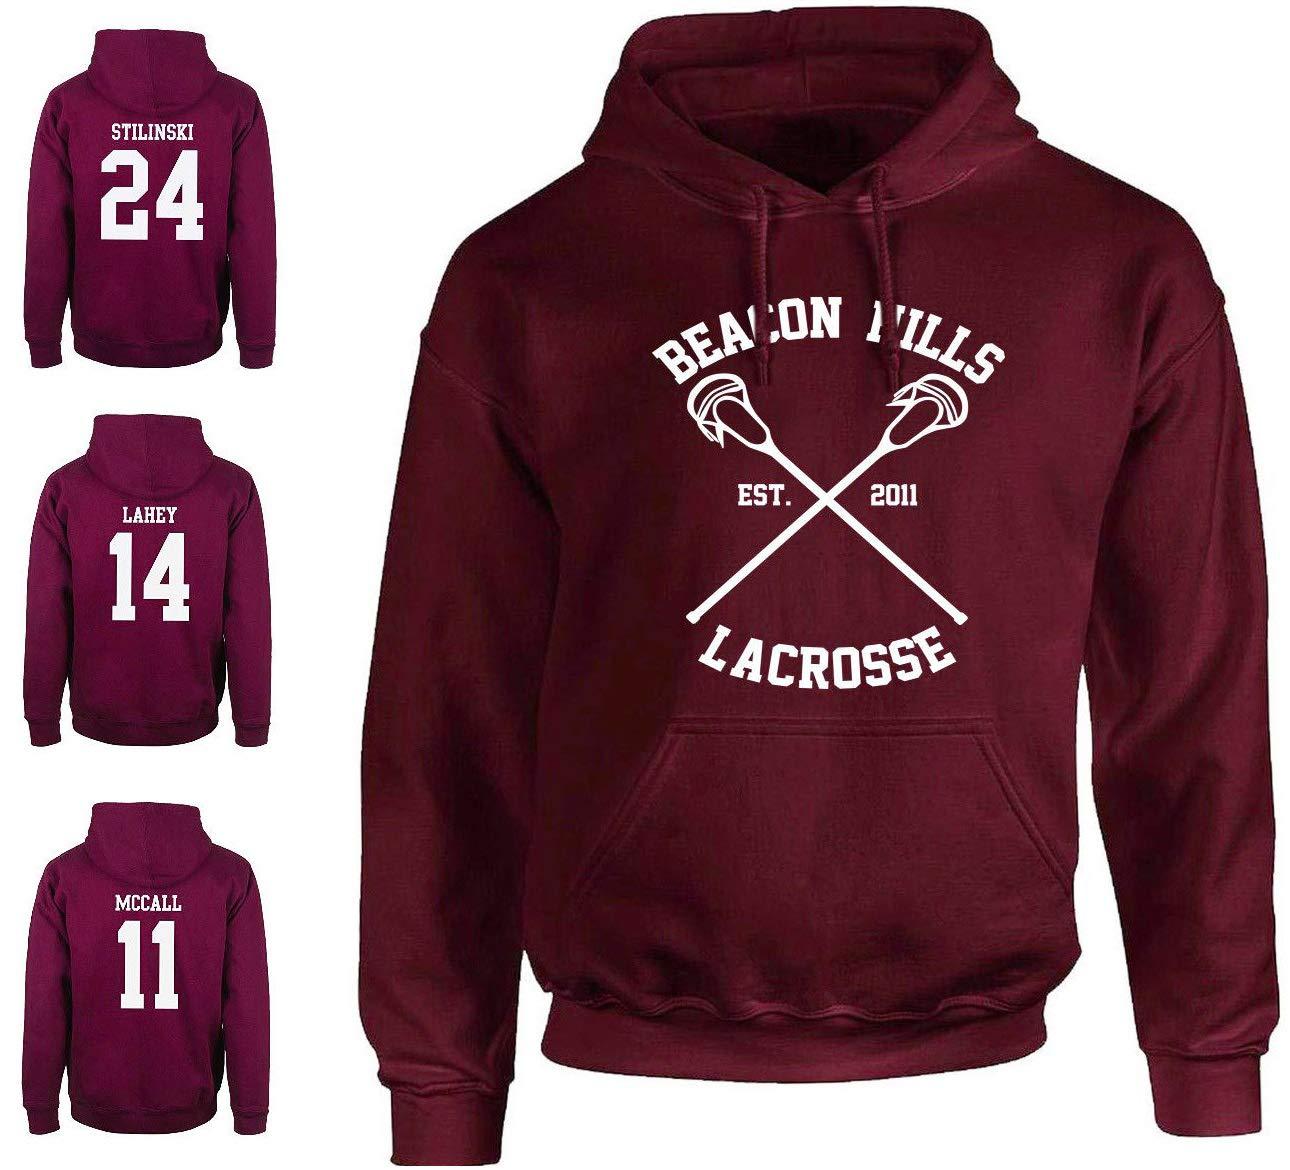 mimoma Felpa con Cappuccio della Squadra Lacrosse Beacon Hills 24 Stilinski, 14 Lahey, 11 McCall